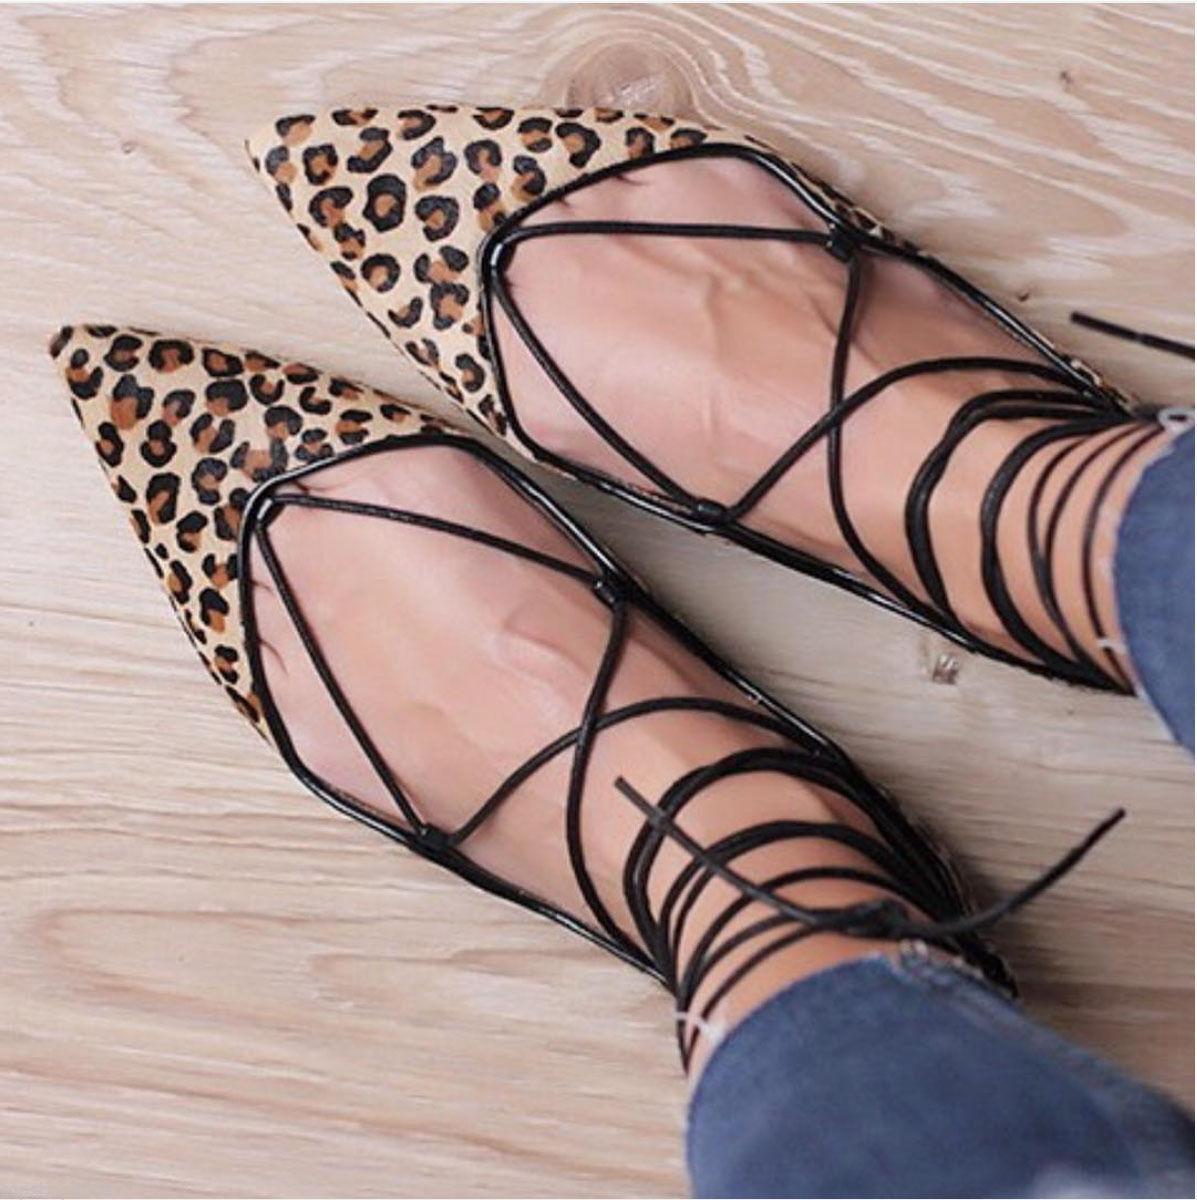 Zara leopardo con cordones Bailarinas Ballet Zapatos sin sin sin Taco Skinny De Pelo 5317 001 39 8 6  venta caliente